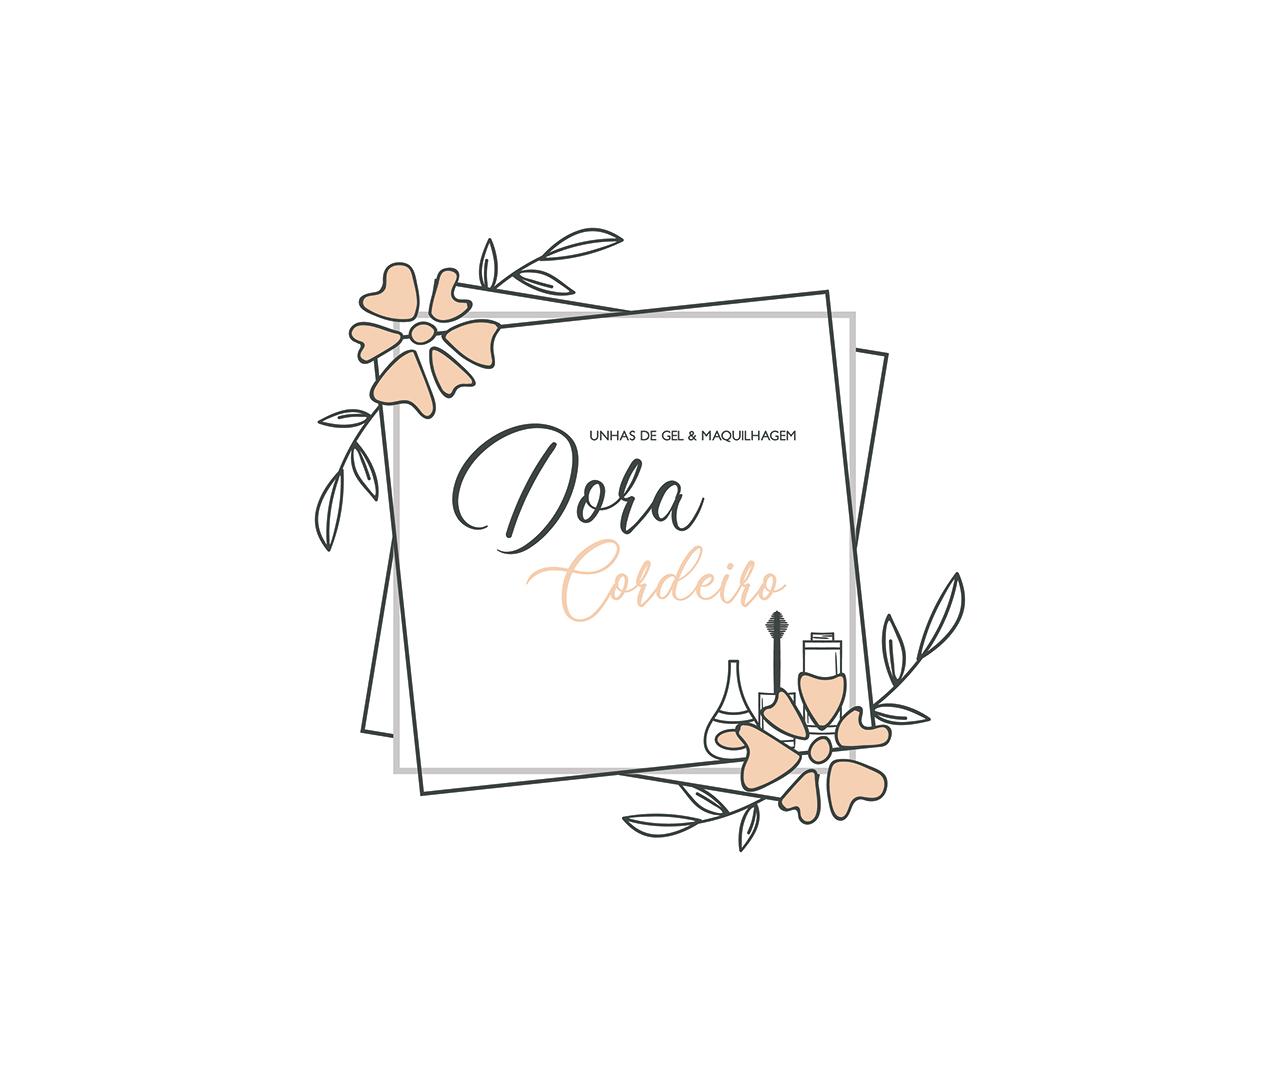 Dora Cordeiro - Unhas de Gel & Maquilhagem